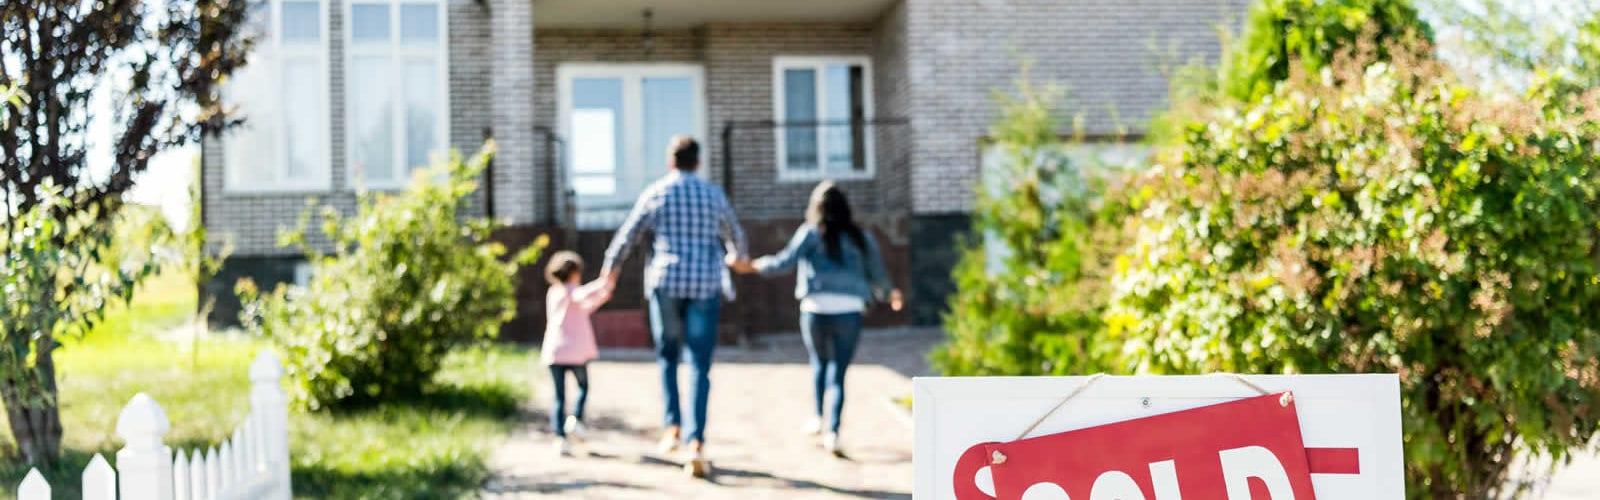 meilleures-villes-usa-investir-immobilier-etats-unis-une